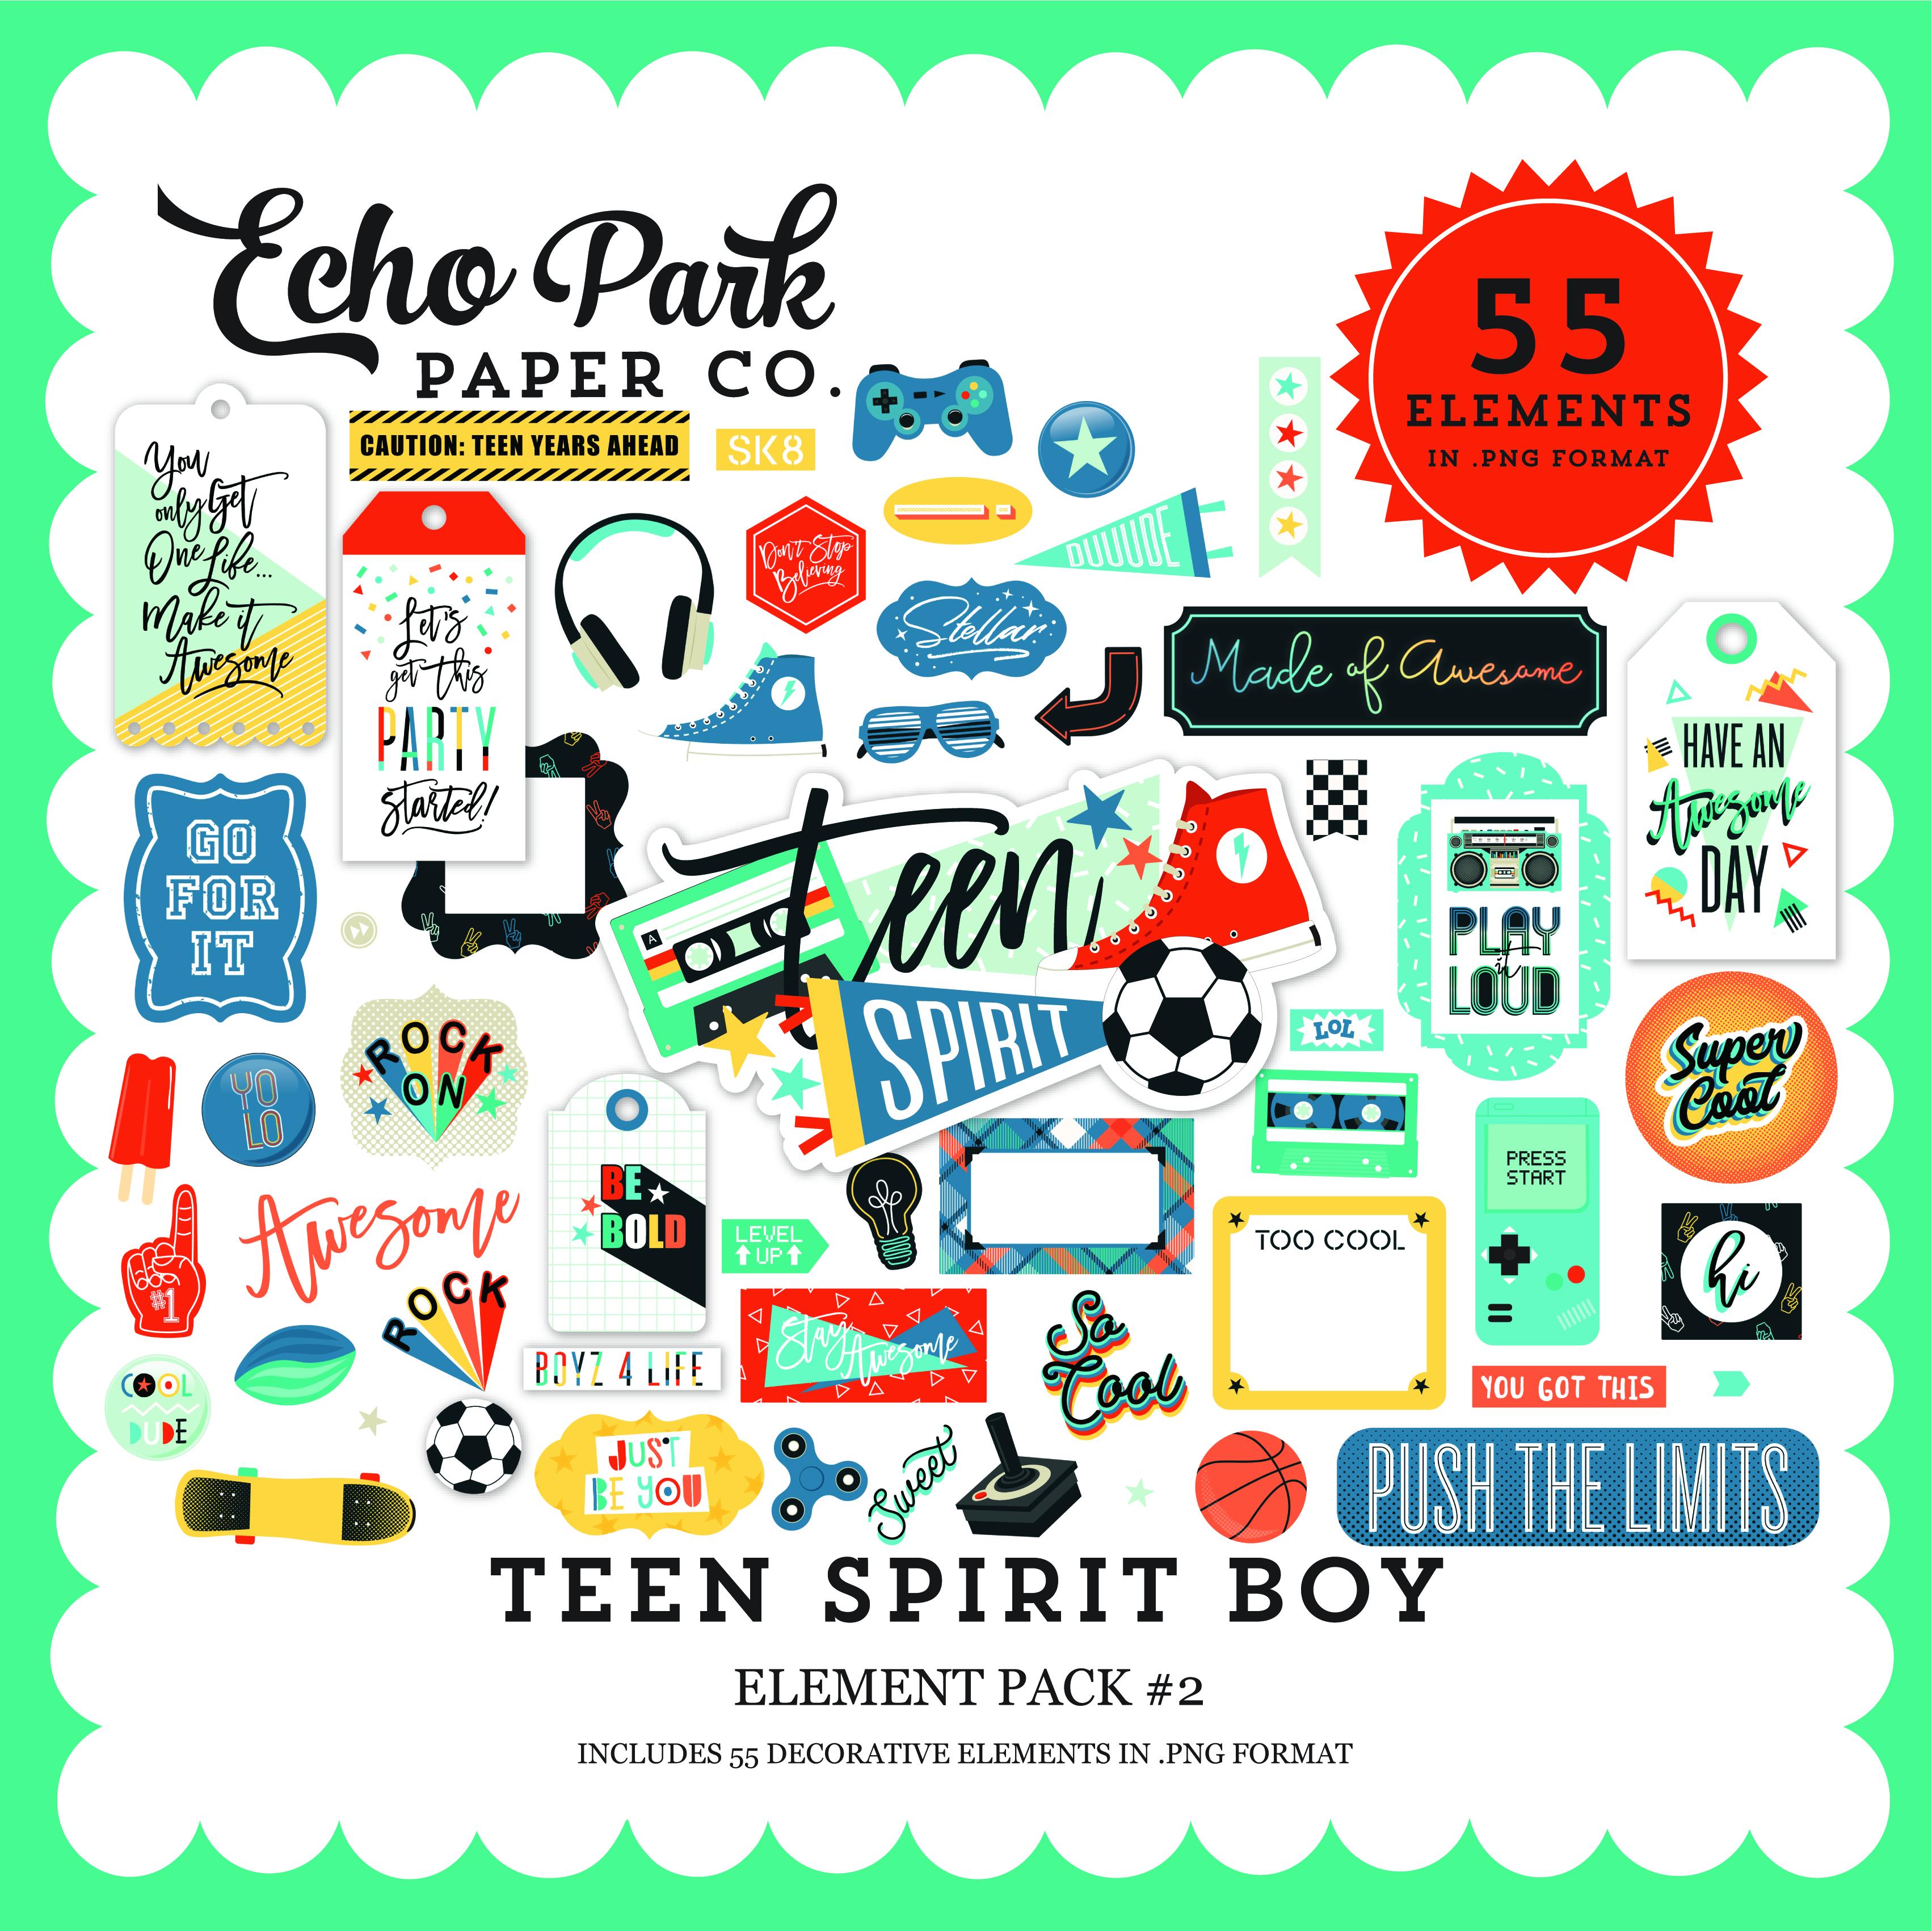 Teen Spirit Boy Element Pack #2